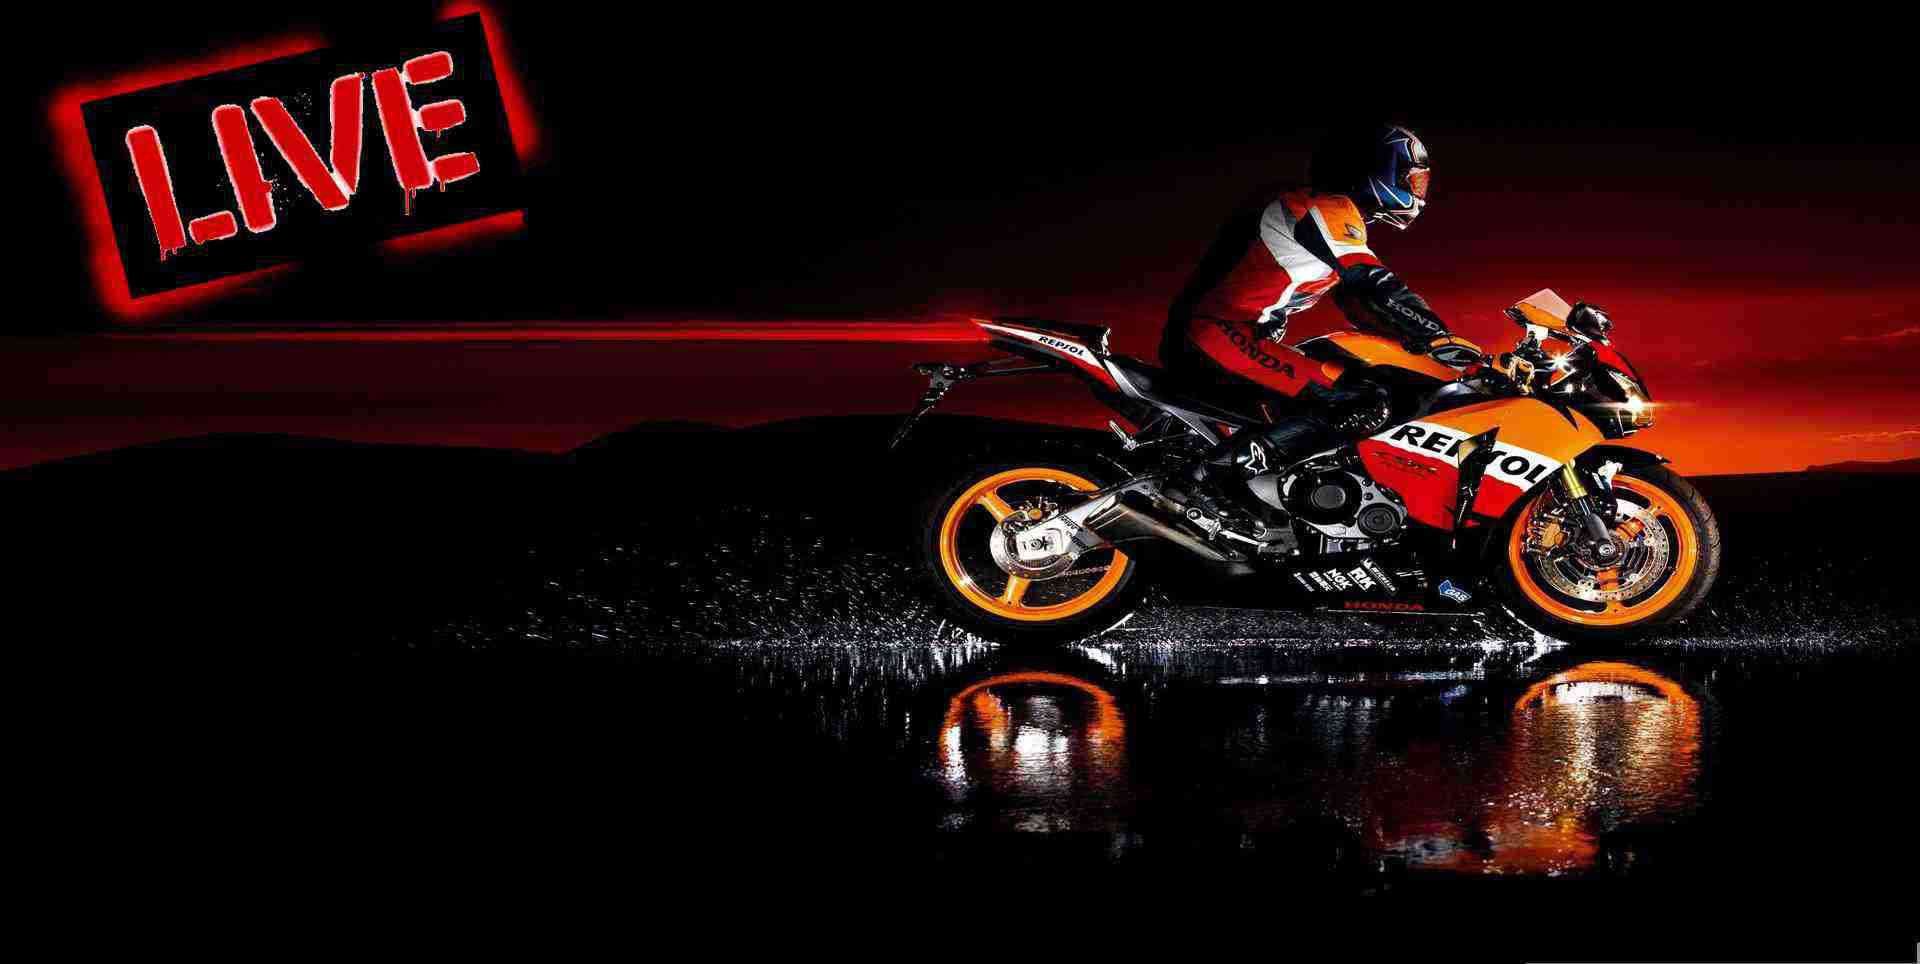 watch-jerez-round-10-superbike-fim-world-championship-2014-online